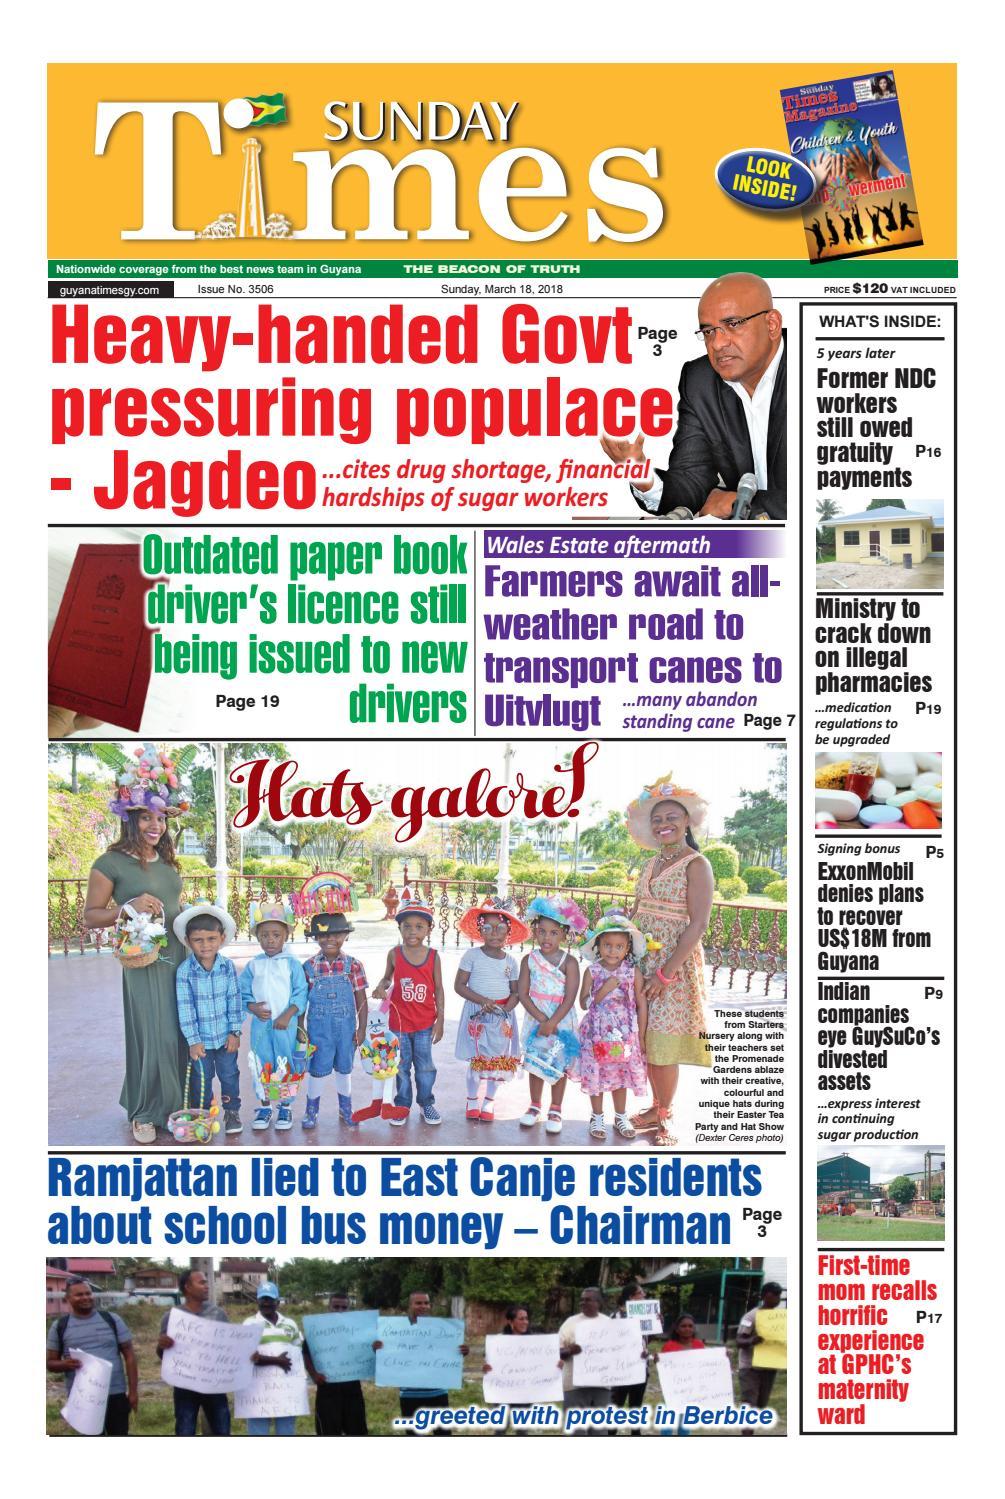 Guyanatime 18 march 2018 by Gytimes - issuu